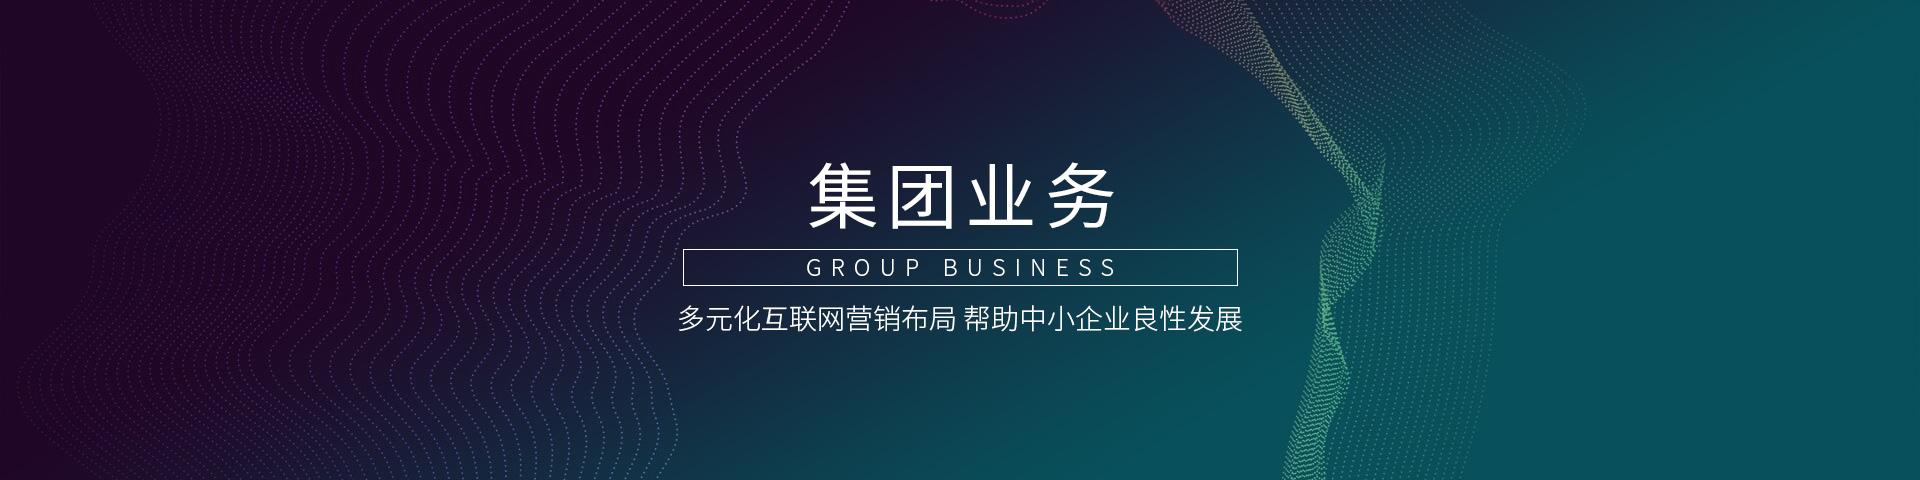 集团业务banner